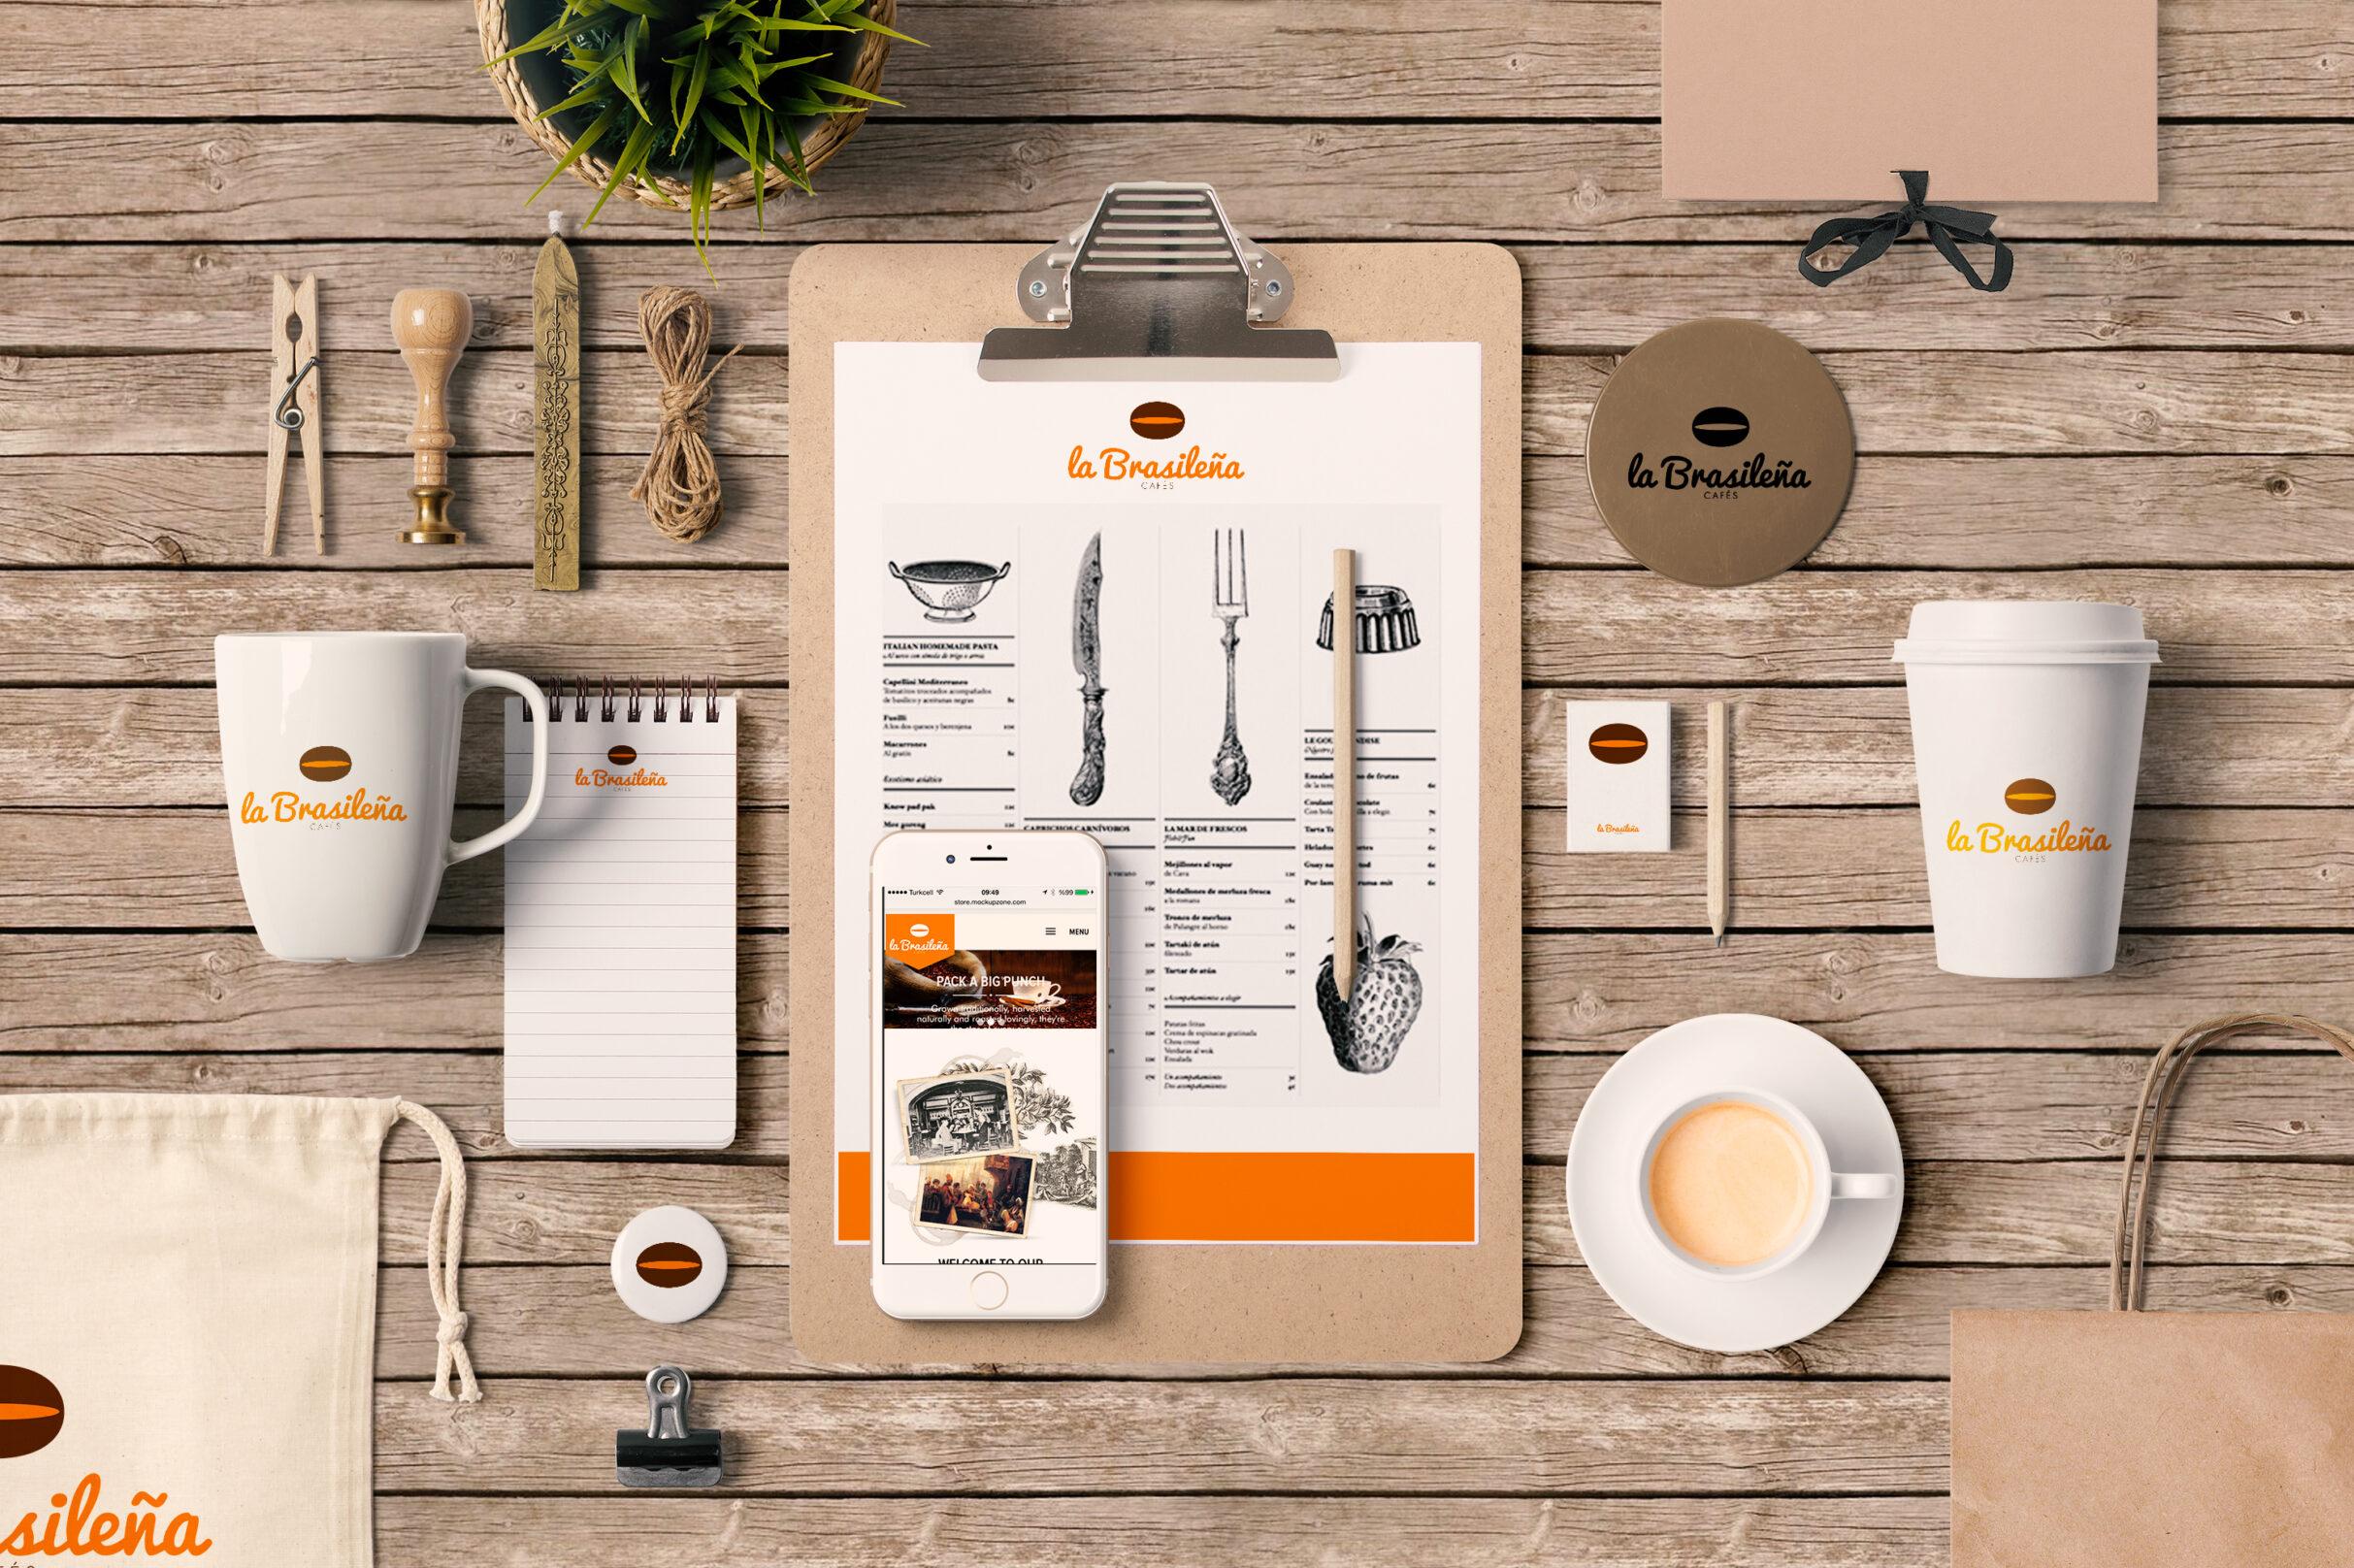 restyling de logotipo cafes la brasileña, estudio de diseño grafico en vitoria la factoria grafica